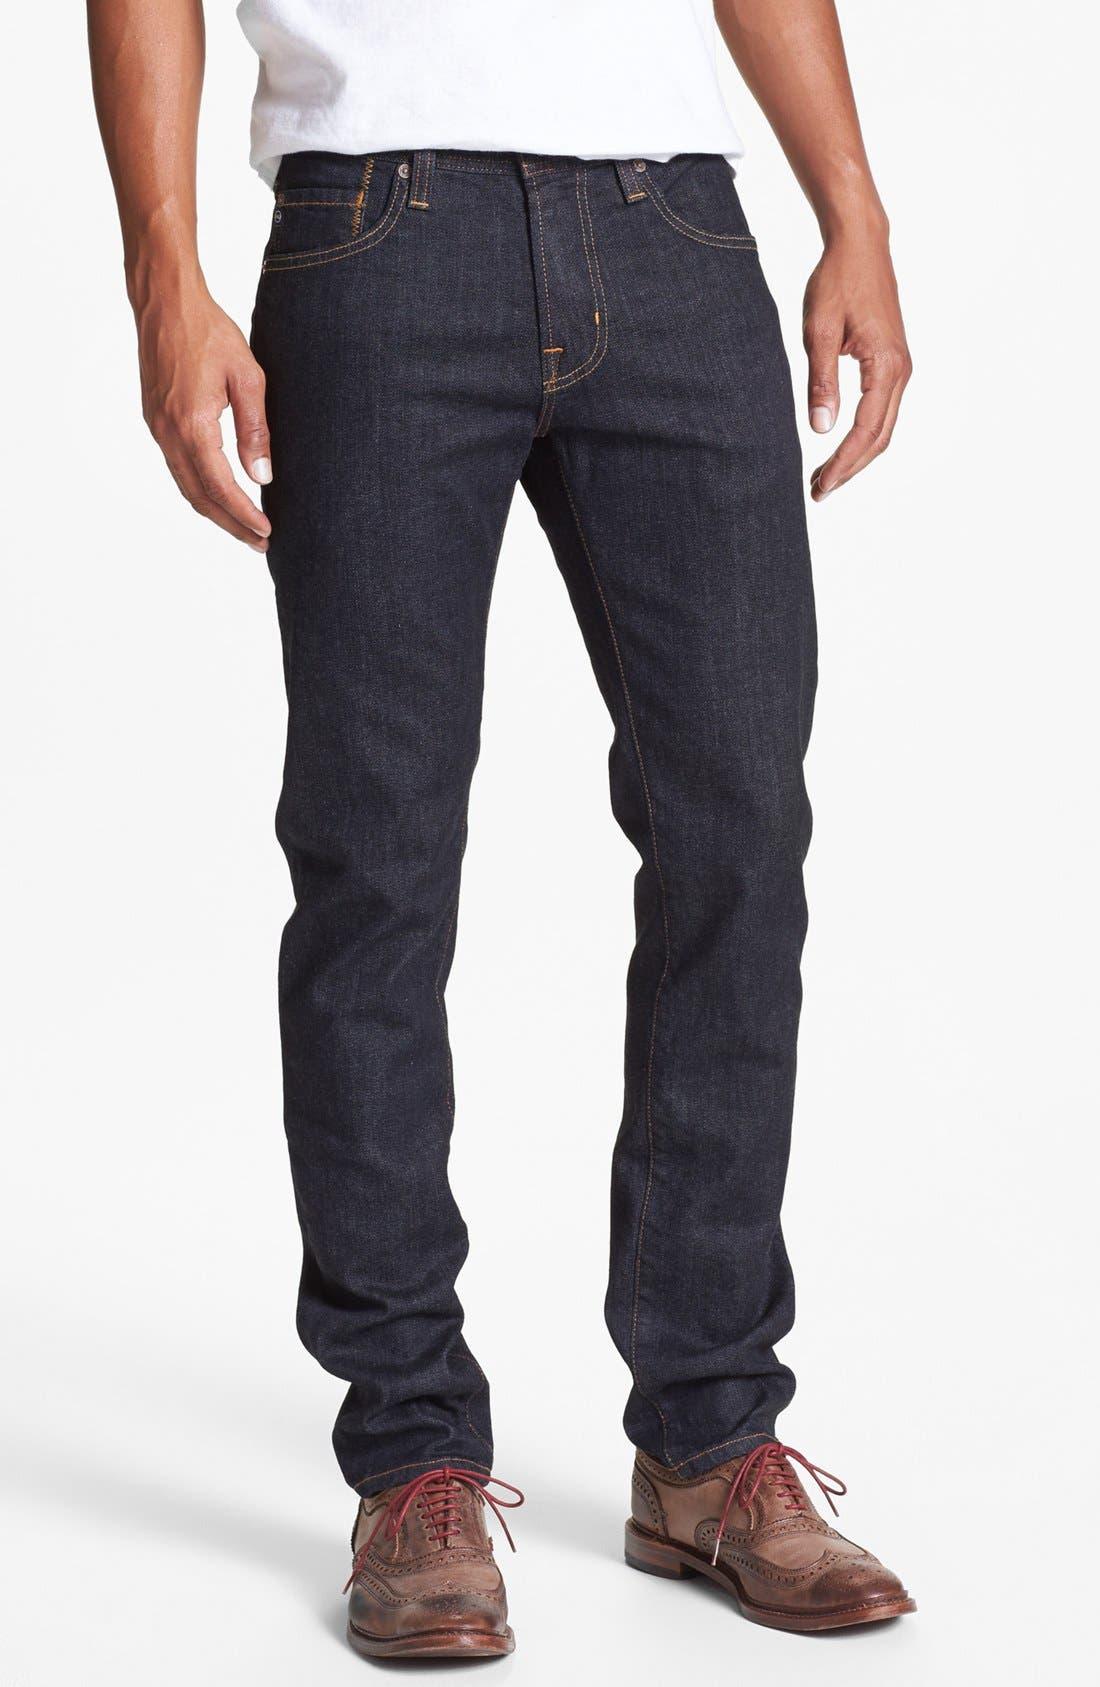 Alternate Image 1 Selected - AG 'Dylan' Skinny Fit Jeans (Jack)